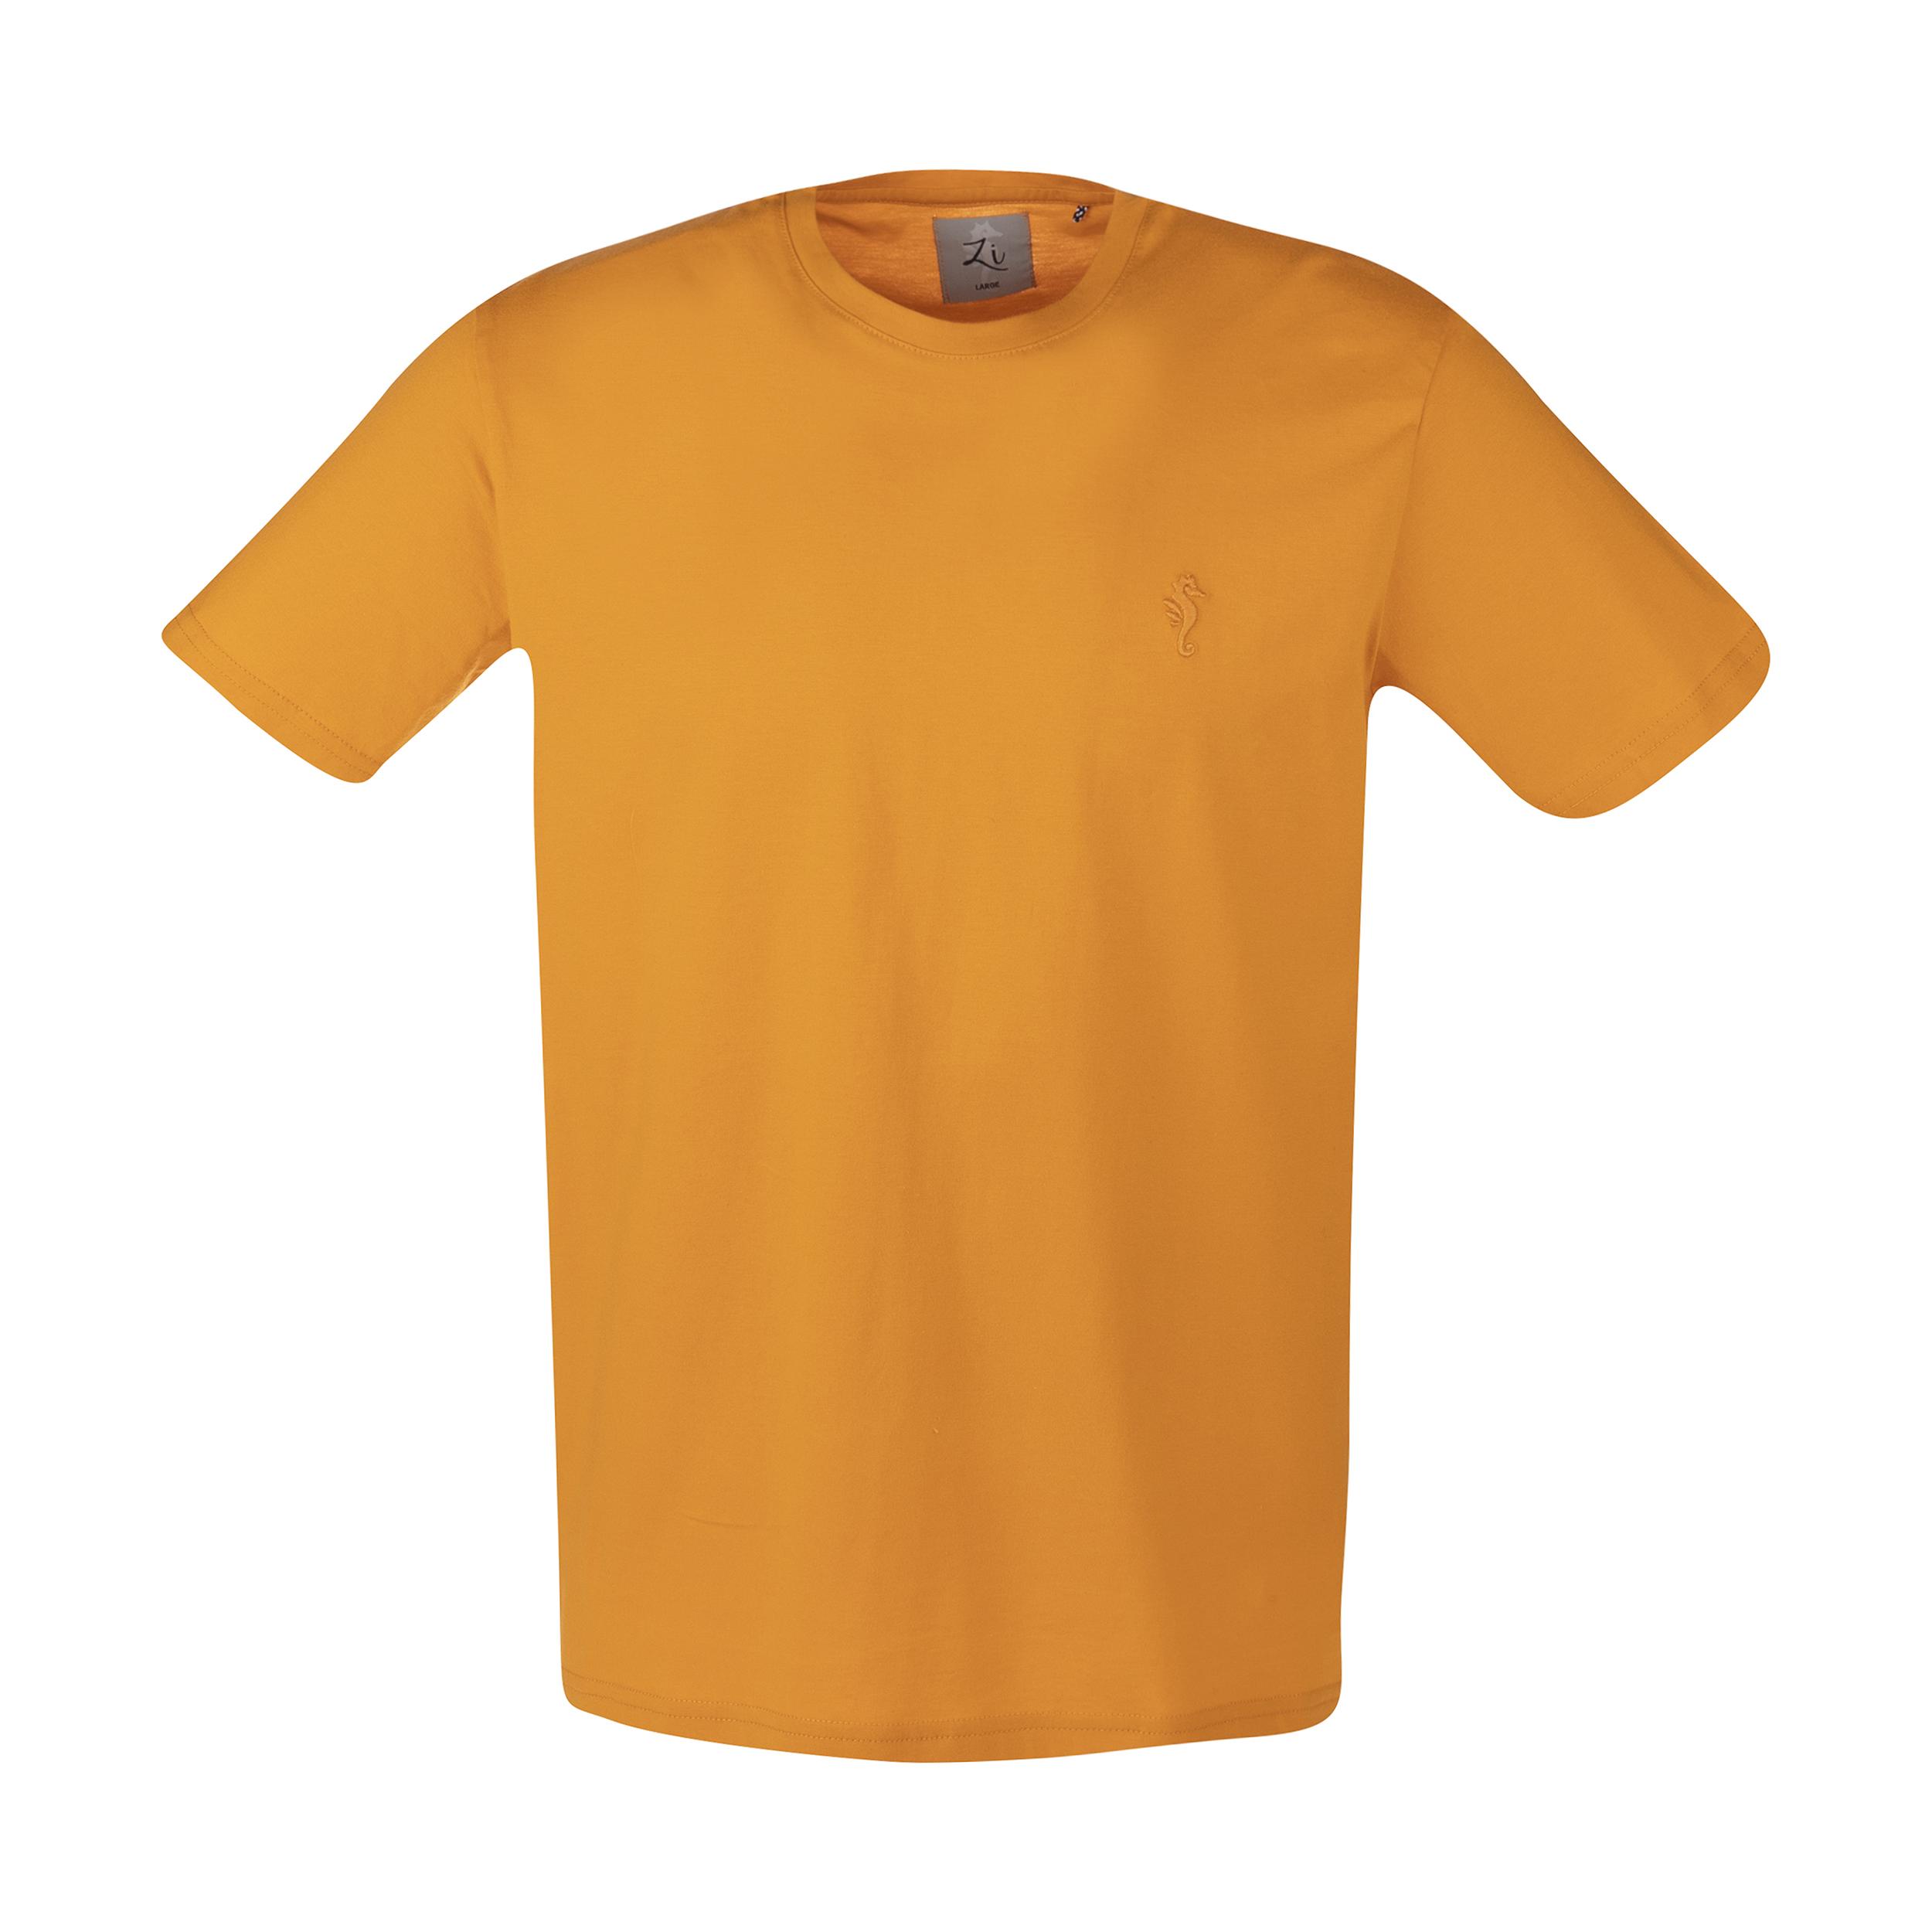 تی شرت مردانه زی مدل 153113023